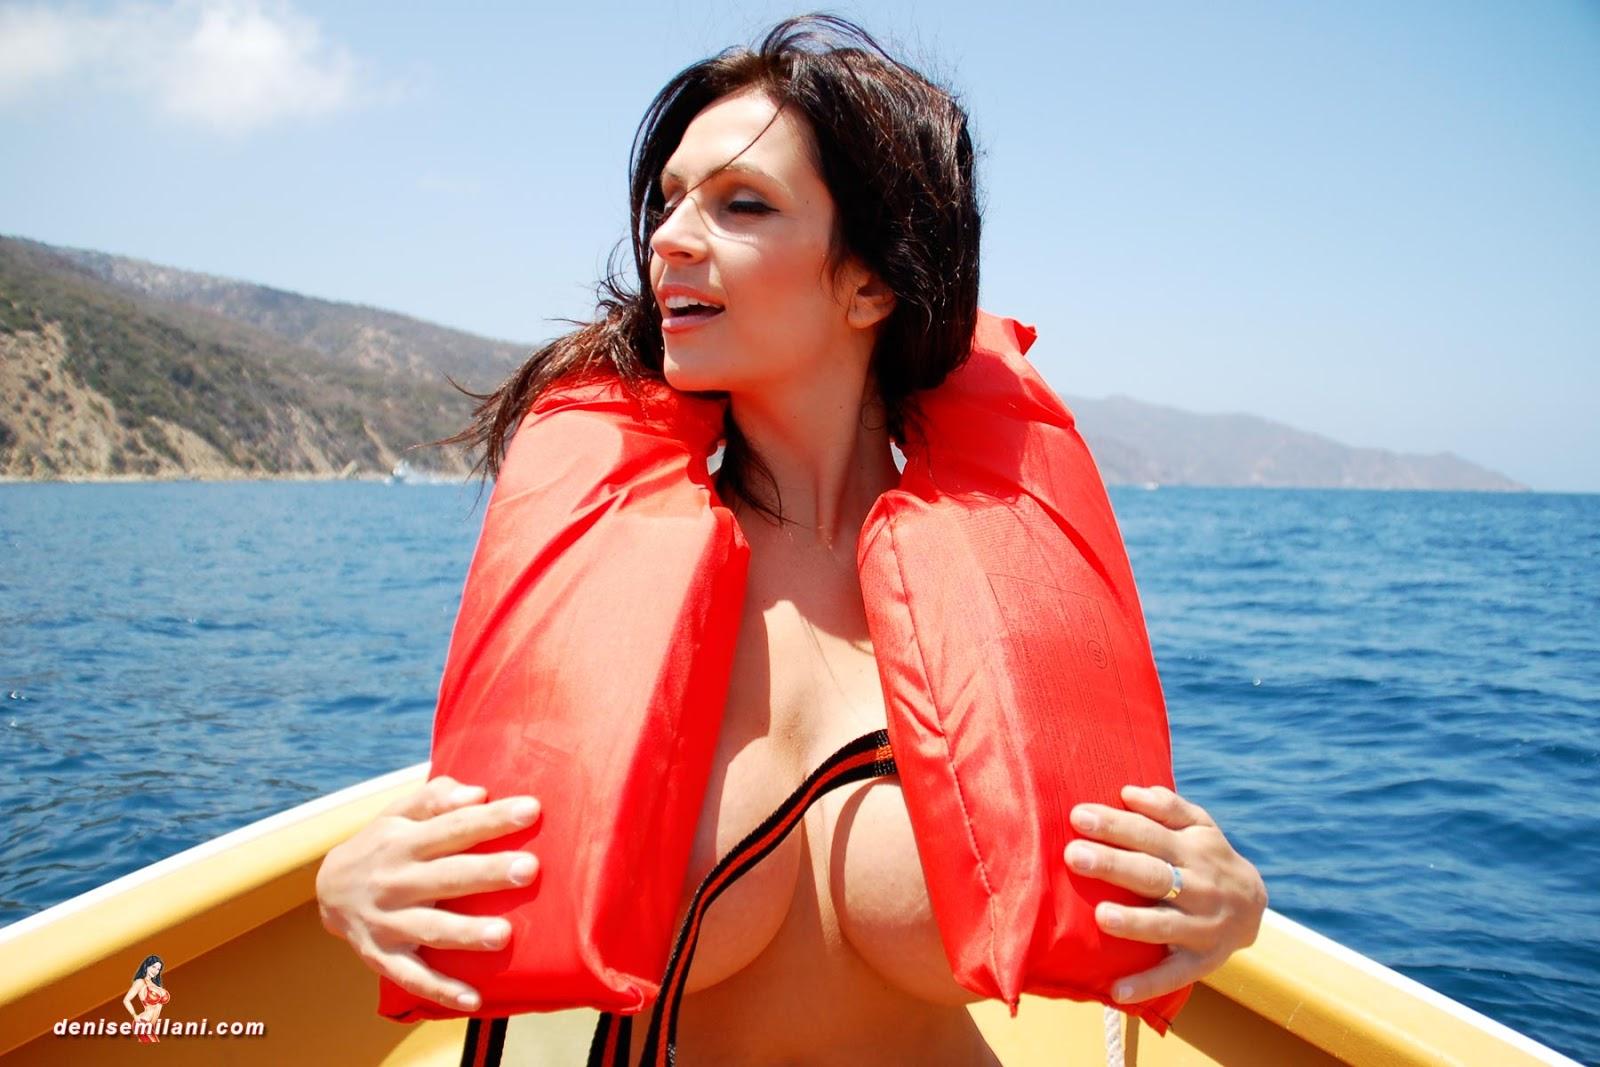 nude women calendars